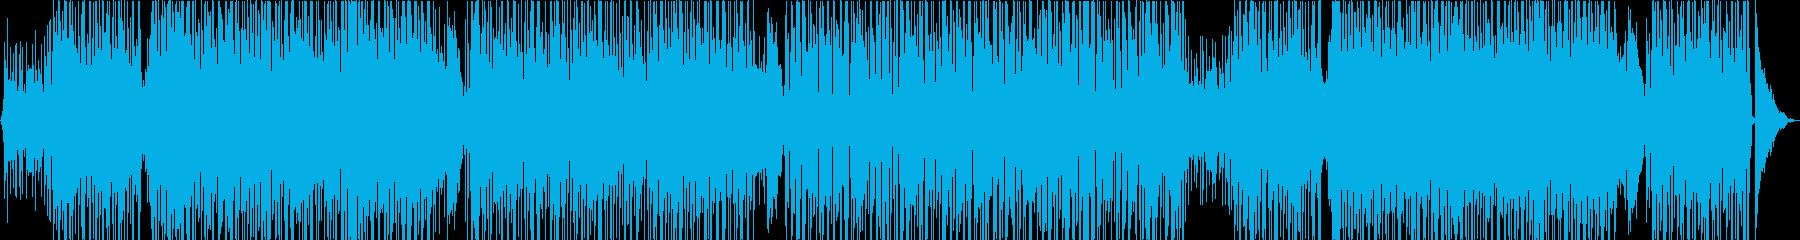 南国系スチール・ドラムのボサノバの再生済みの波形